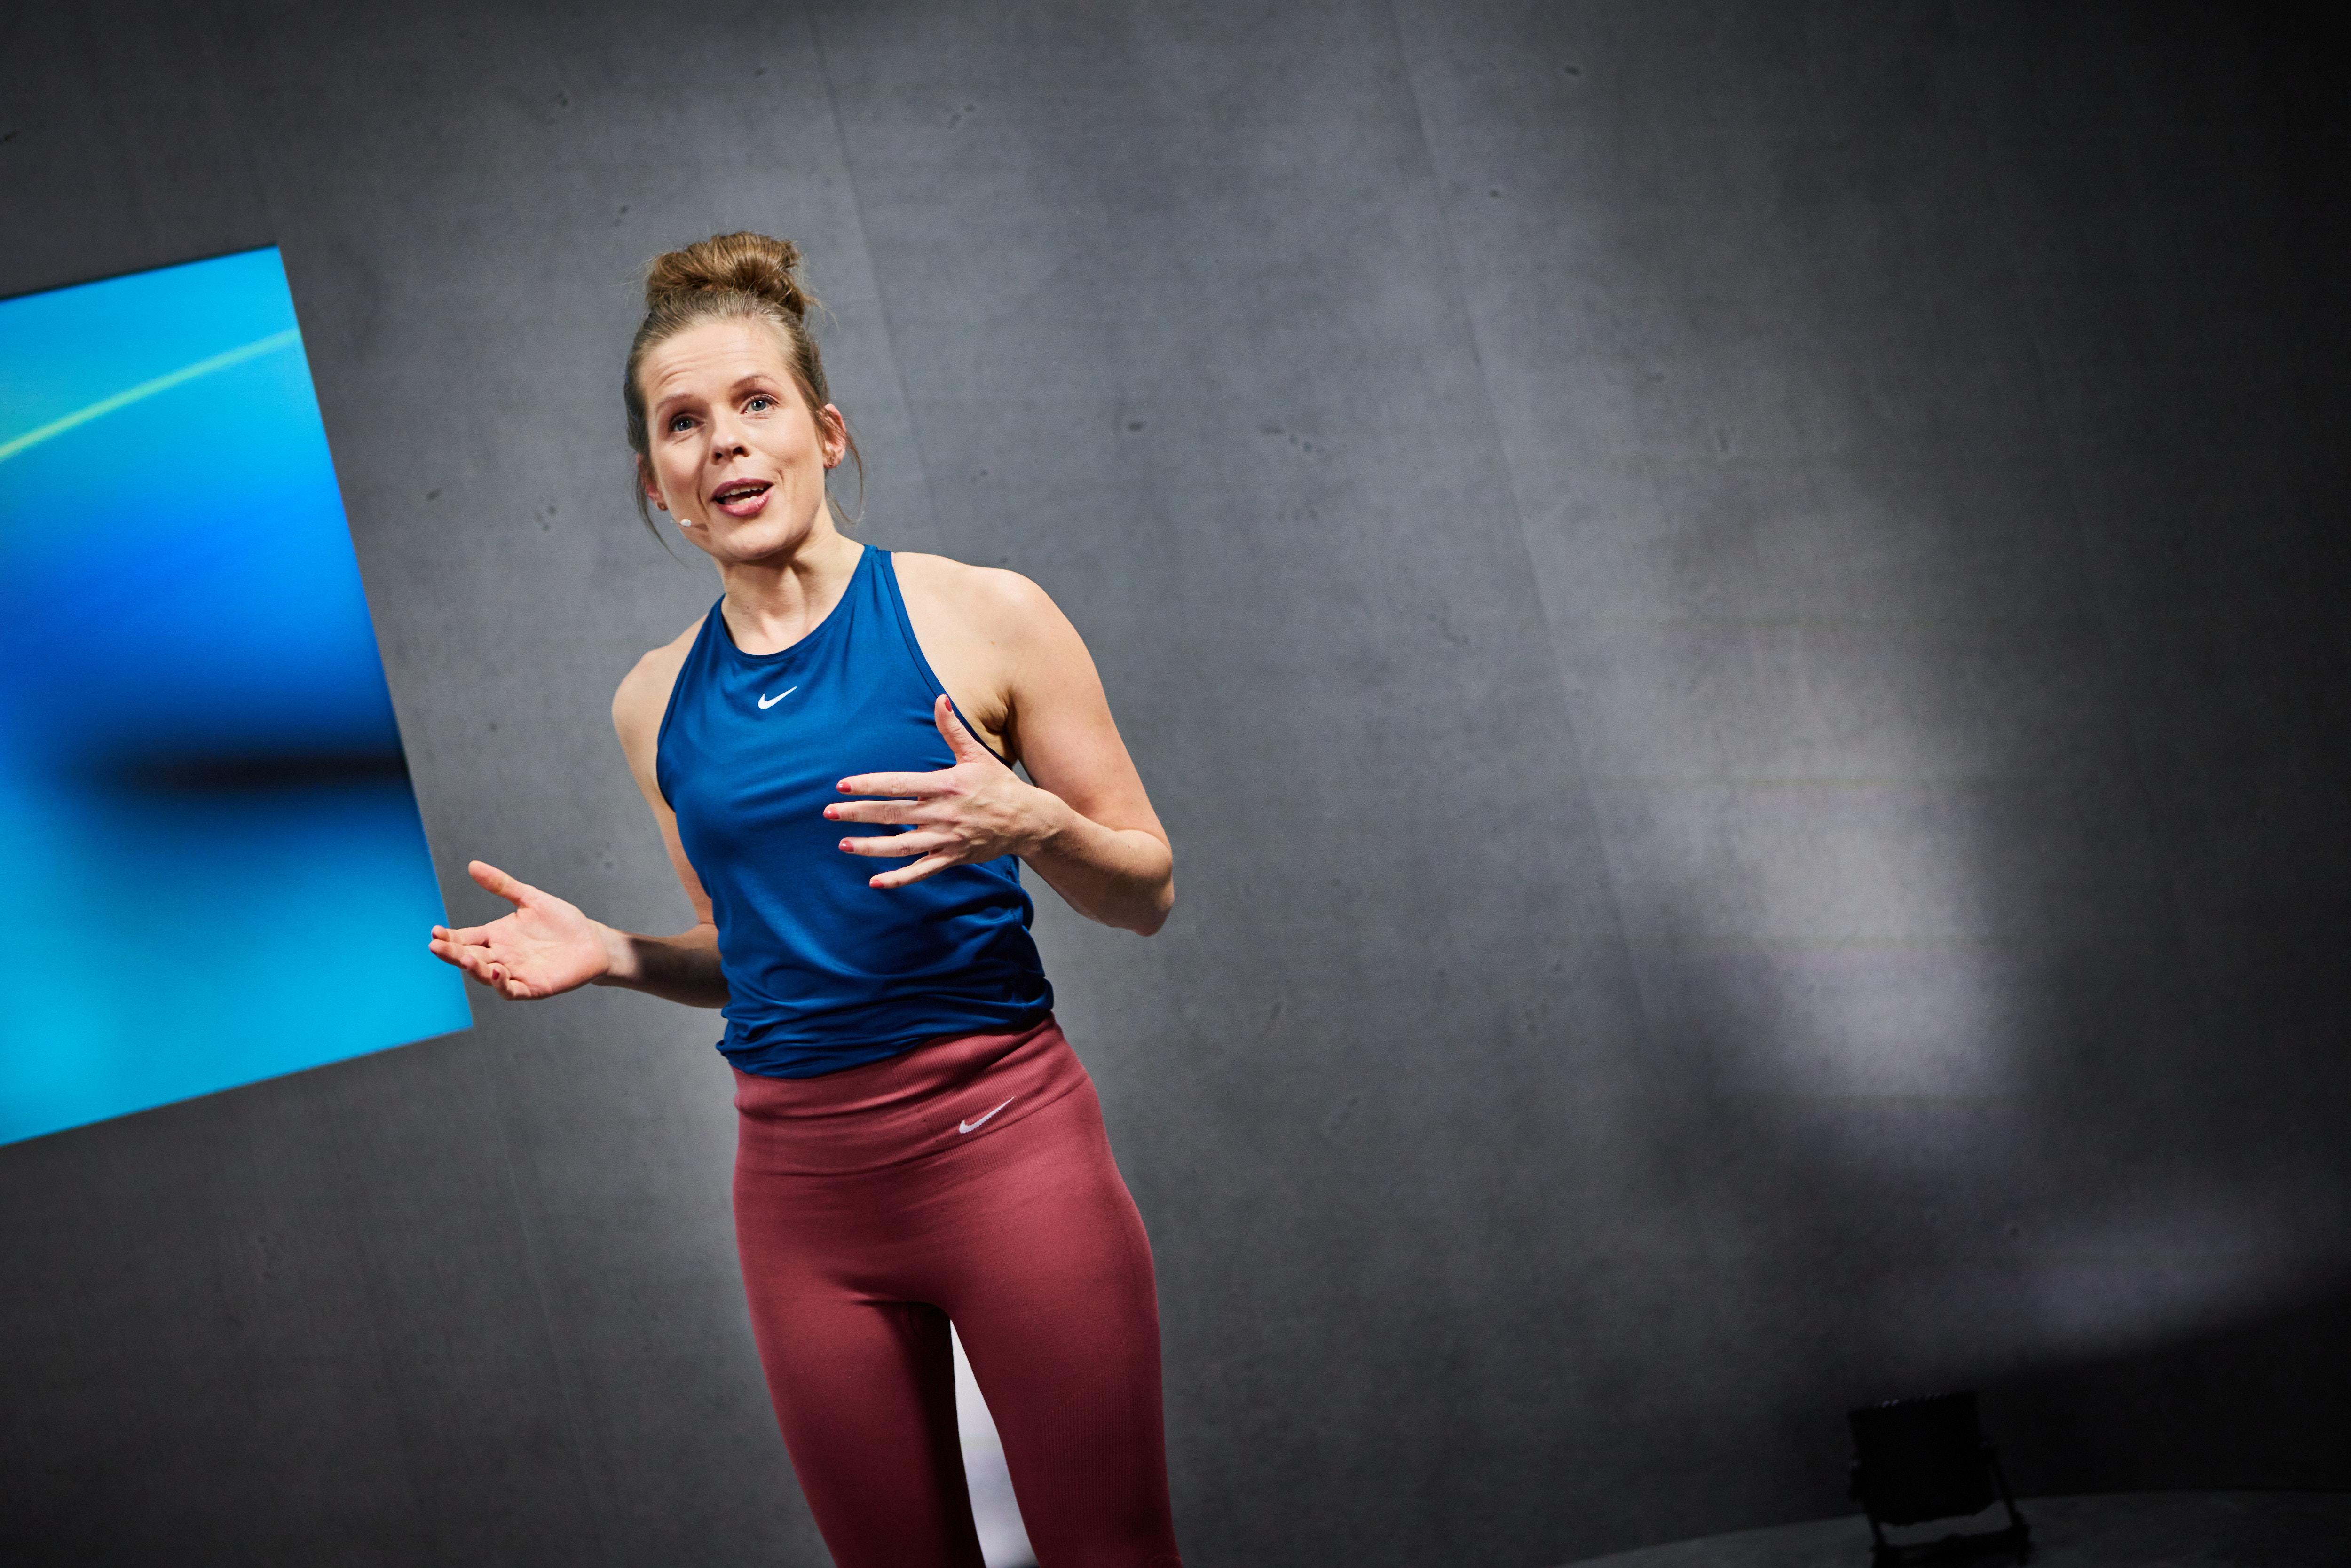 Eine Frau im Sportoutfit steht vor einer Kamera und hält eine Rede. Die Umrisse der Kamera sind nur verschwommen im Vordergrund erkennbar.